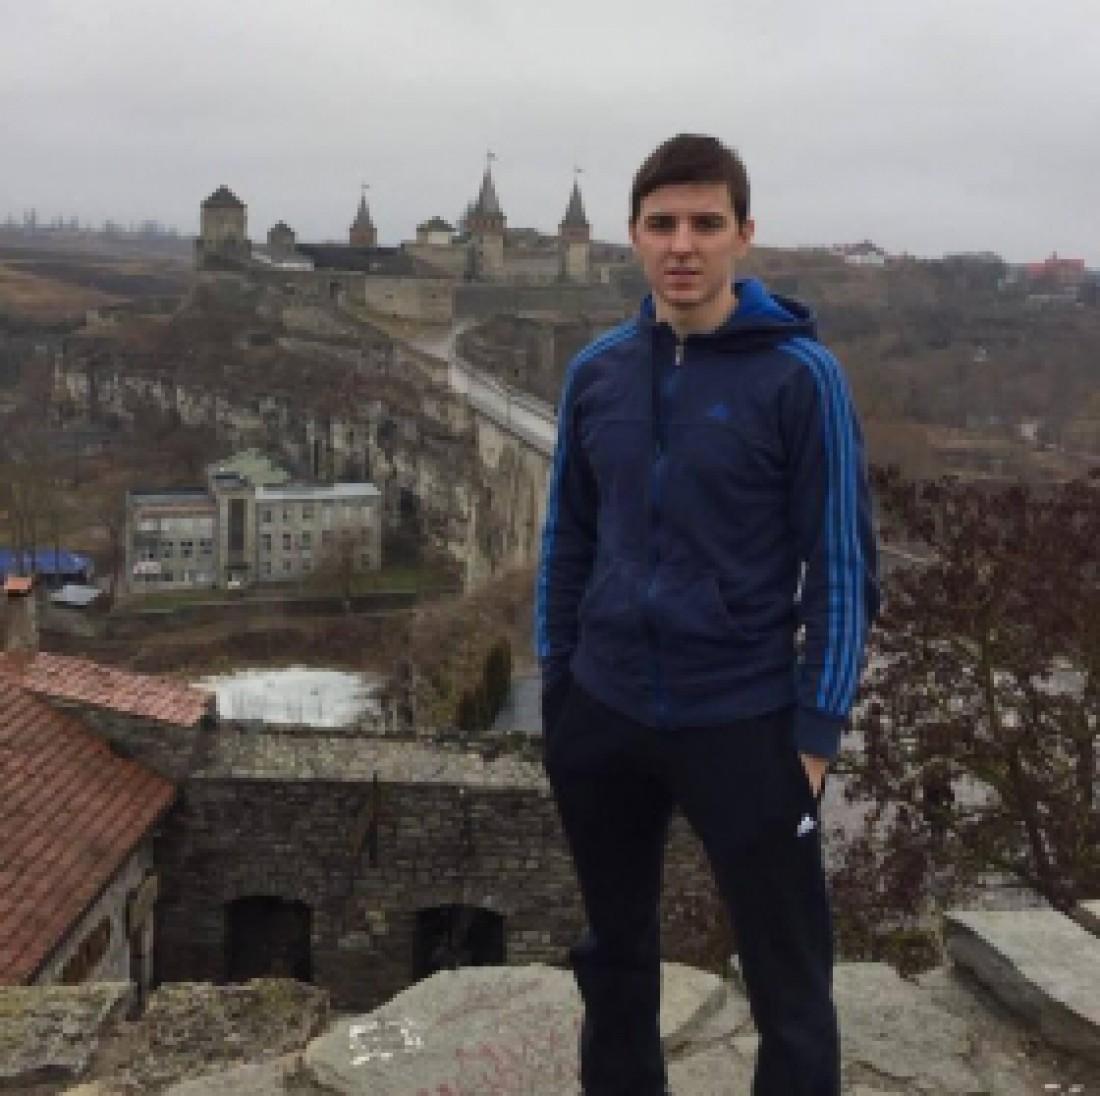 Также задержан Николай Копейка, сын депутата Игоря Копейки